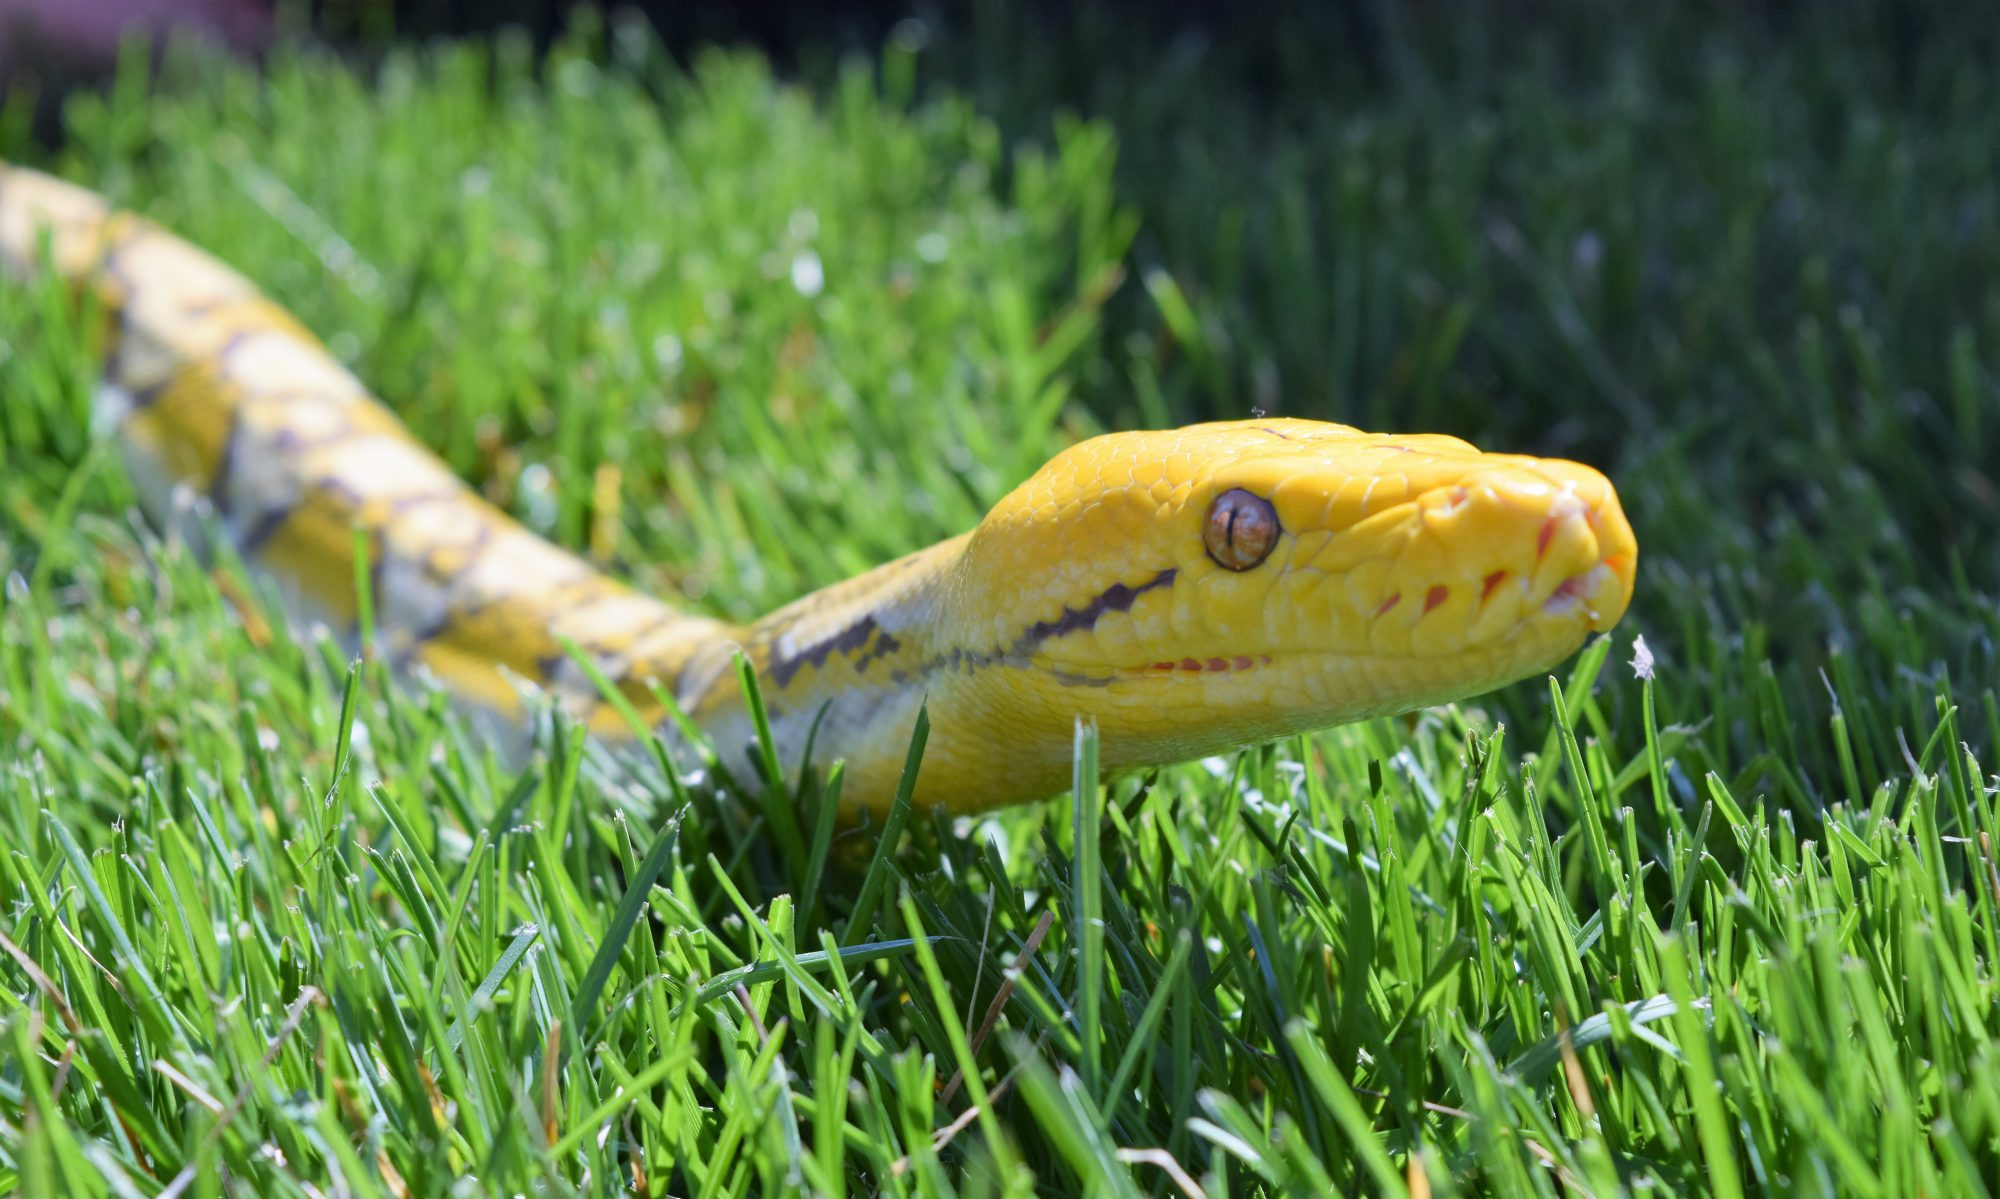 Kalamazoo Reptile Expo